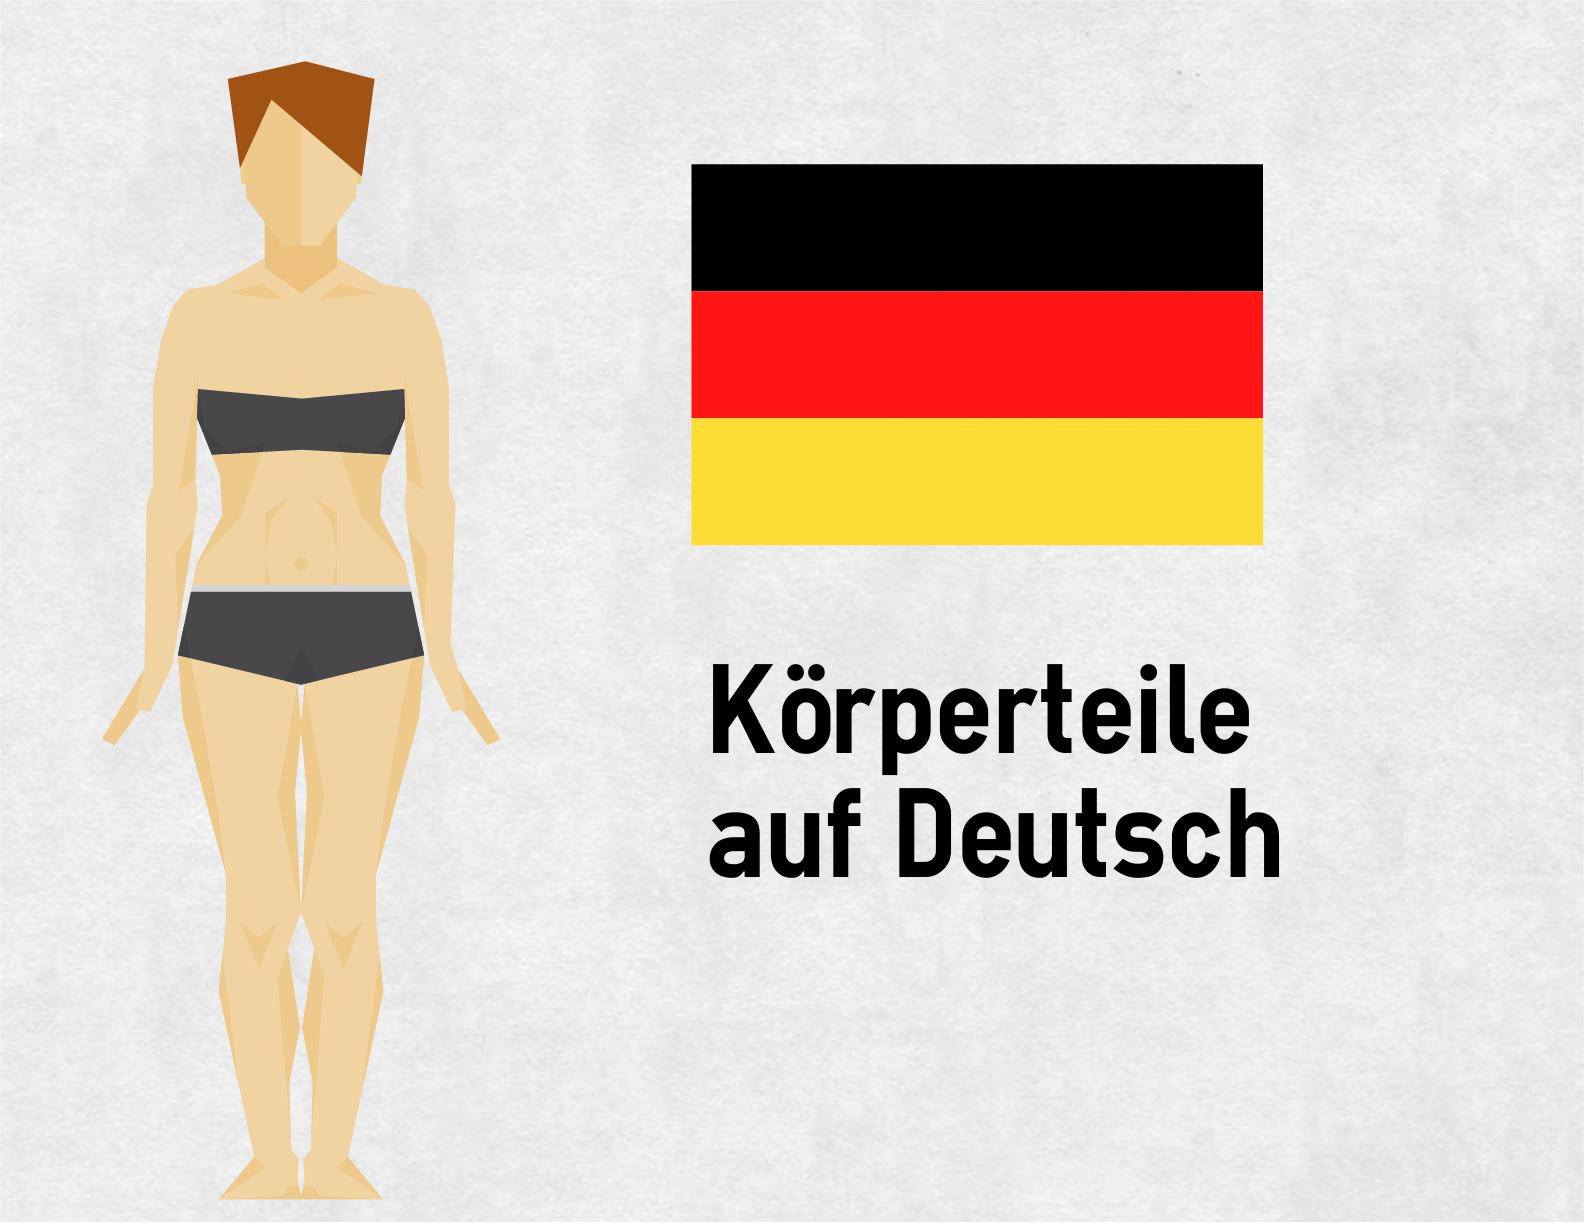 Körperteile auf Deutsch